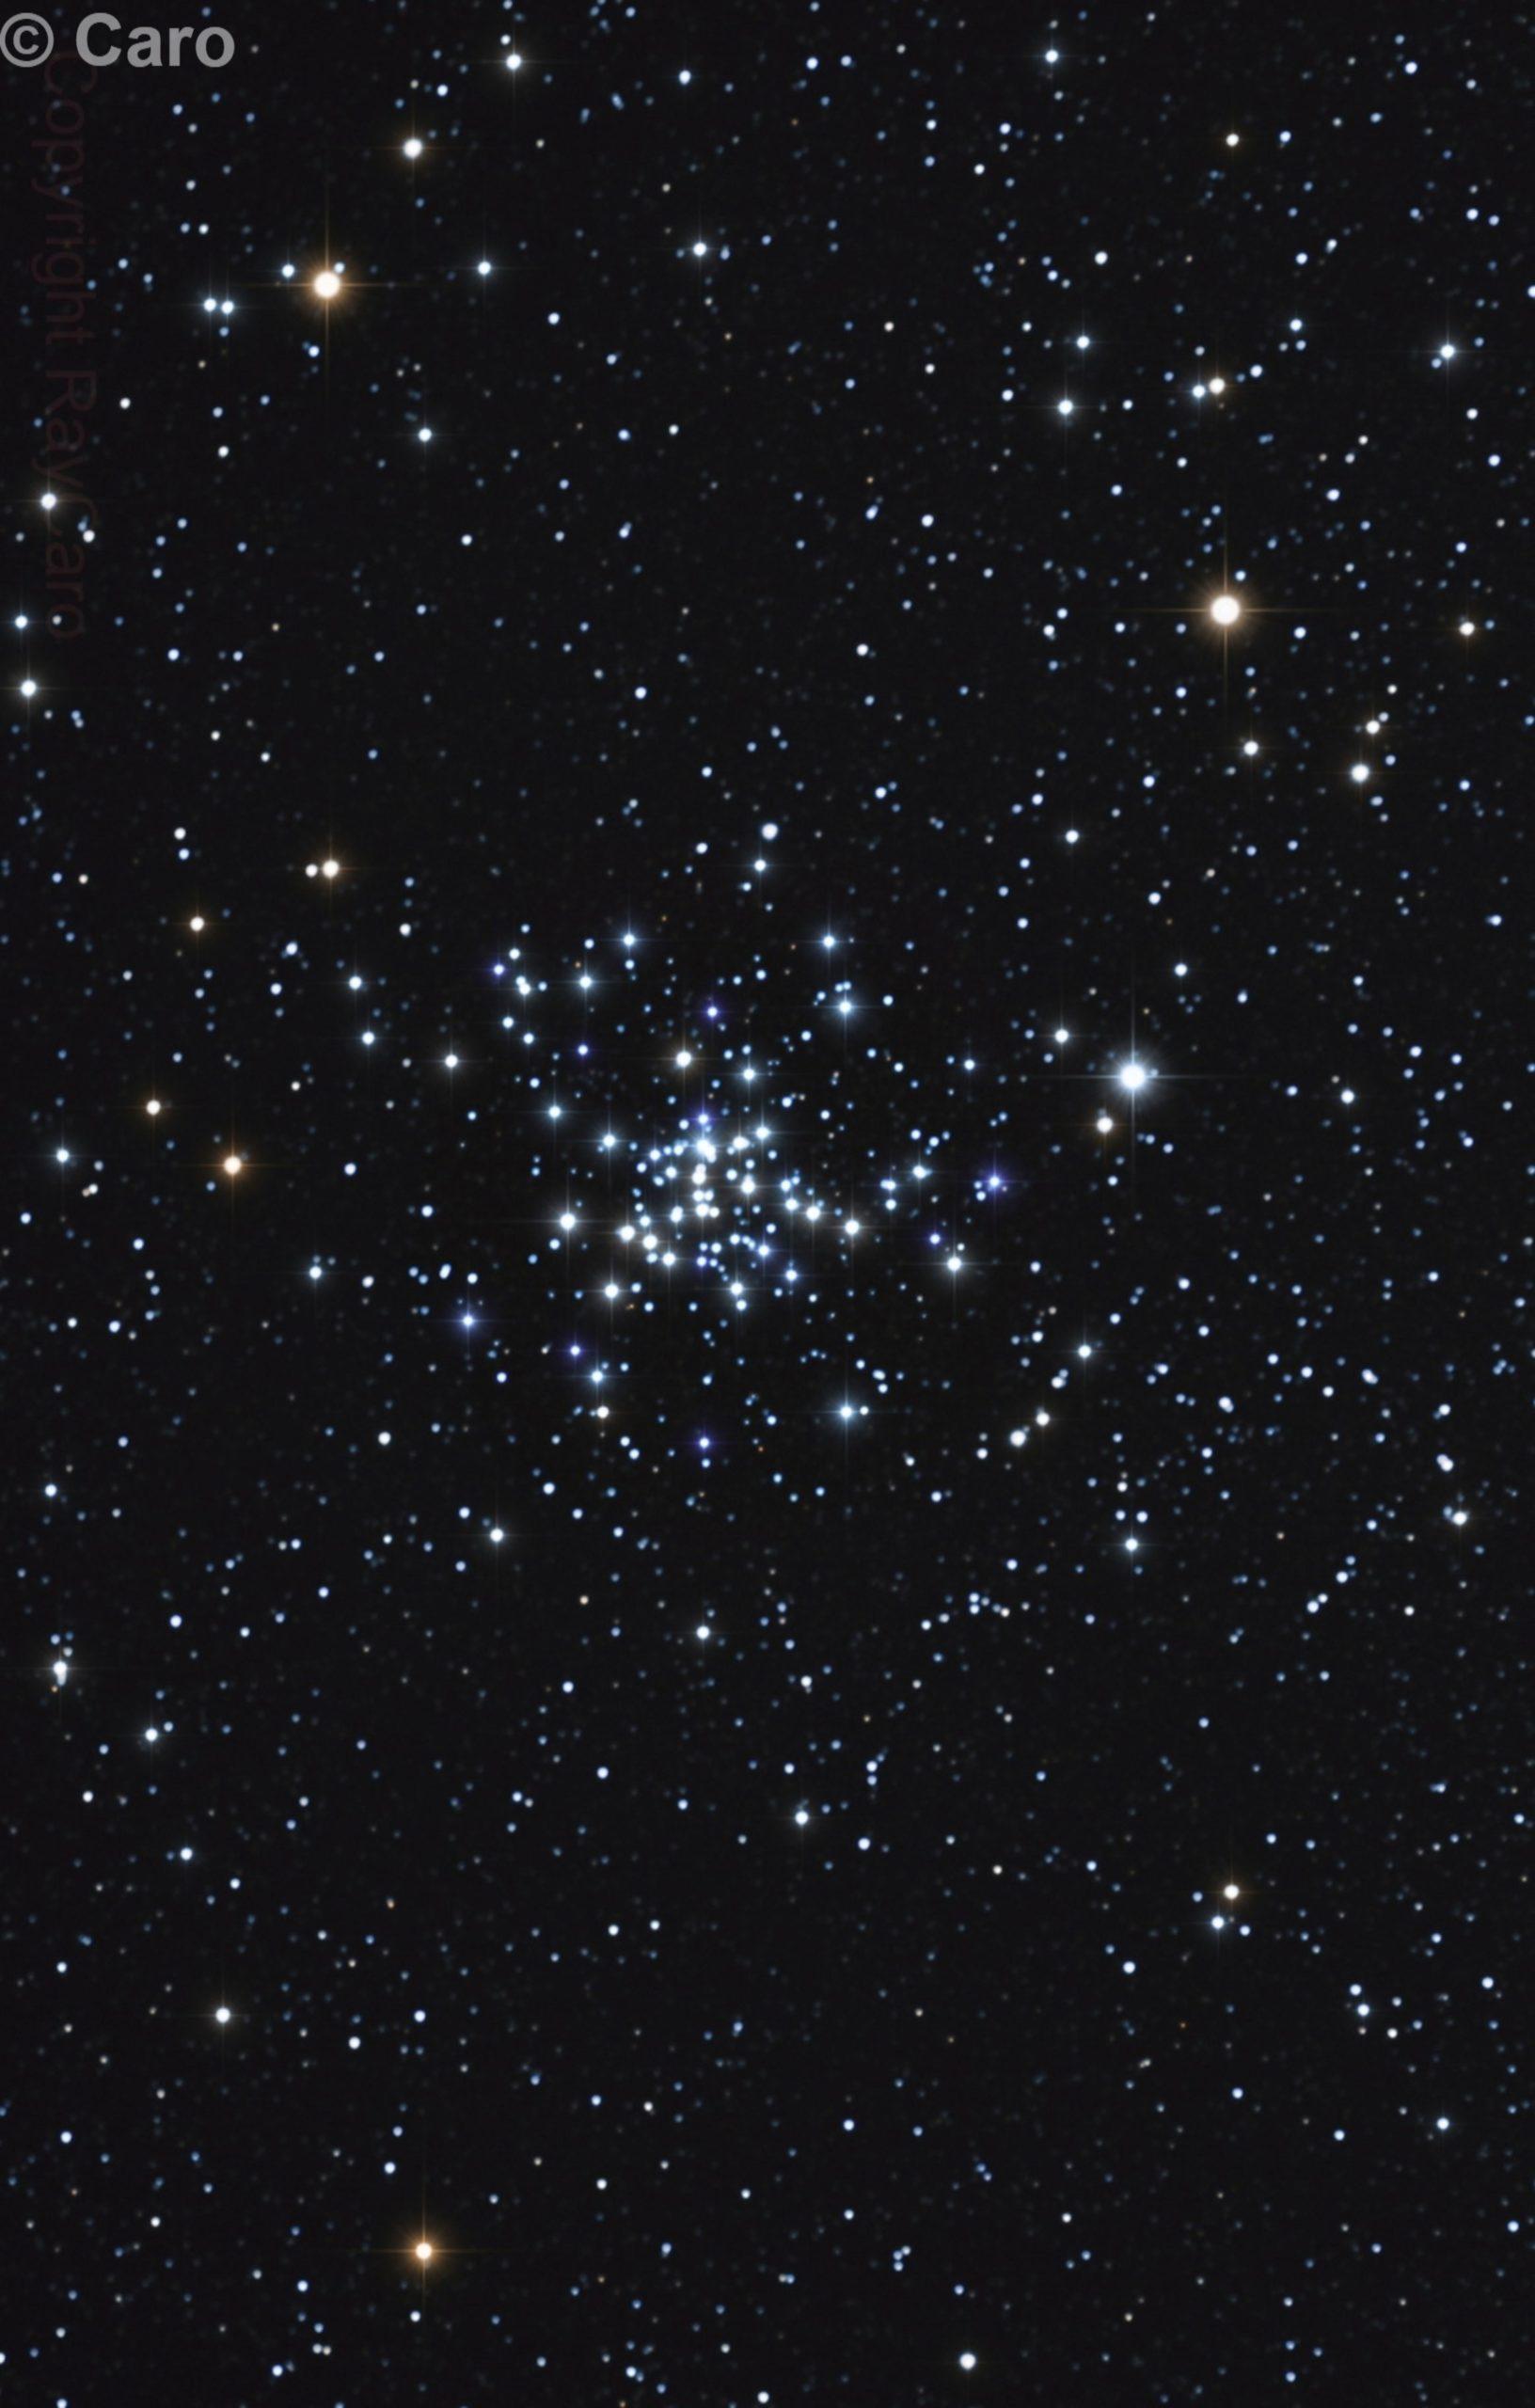 NGC 4103